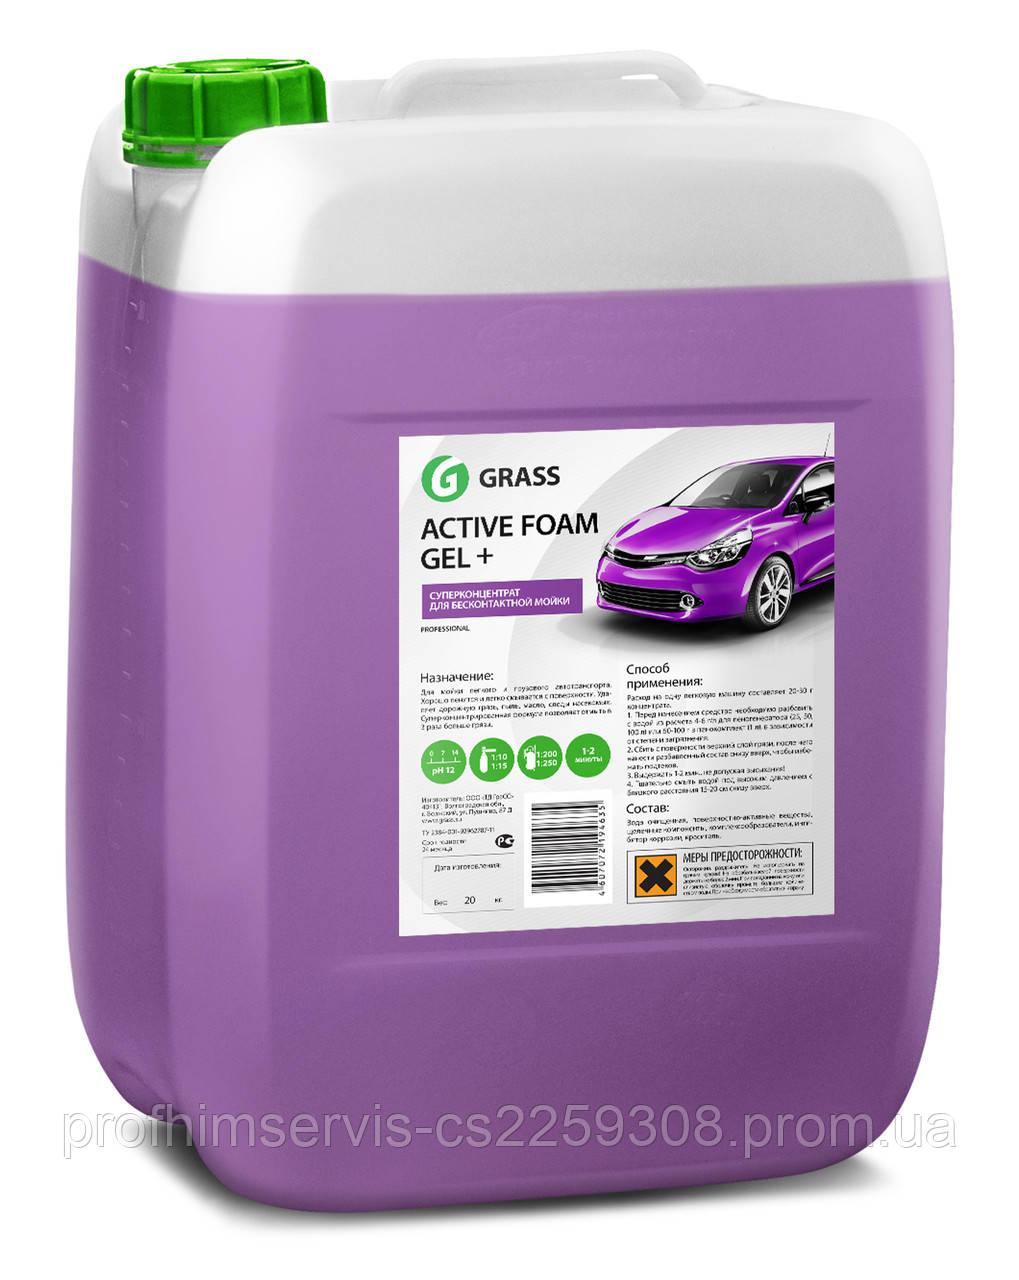 GRASS Авто шампунь для бесконтактной мойки авто Active Foam Gel Plus 24 kg.